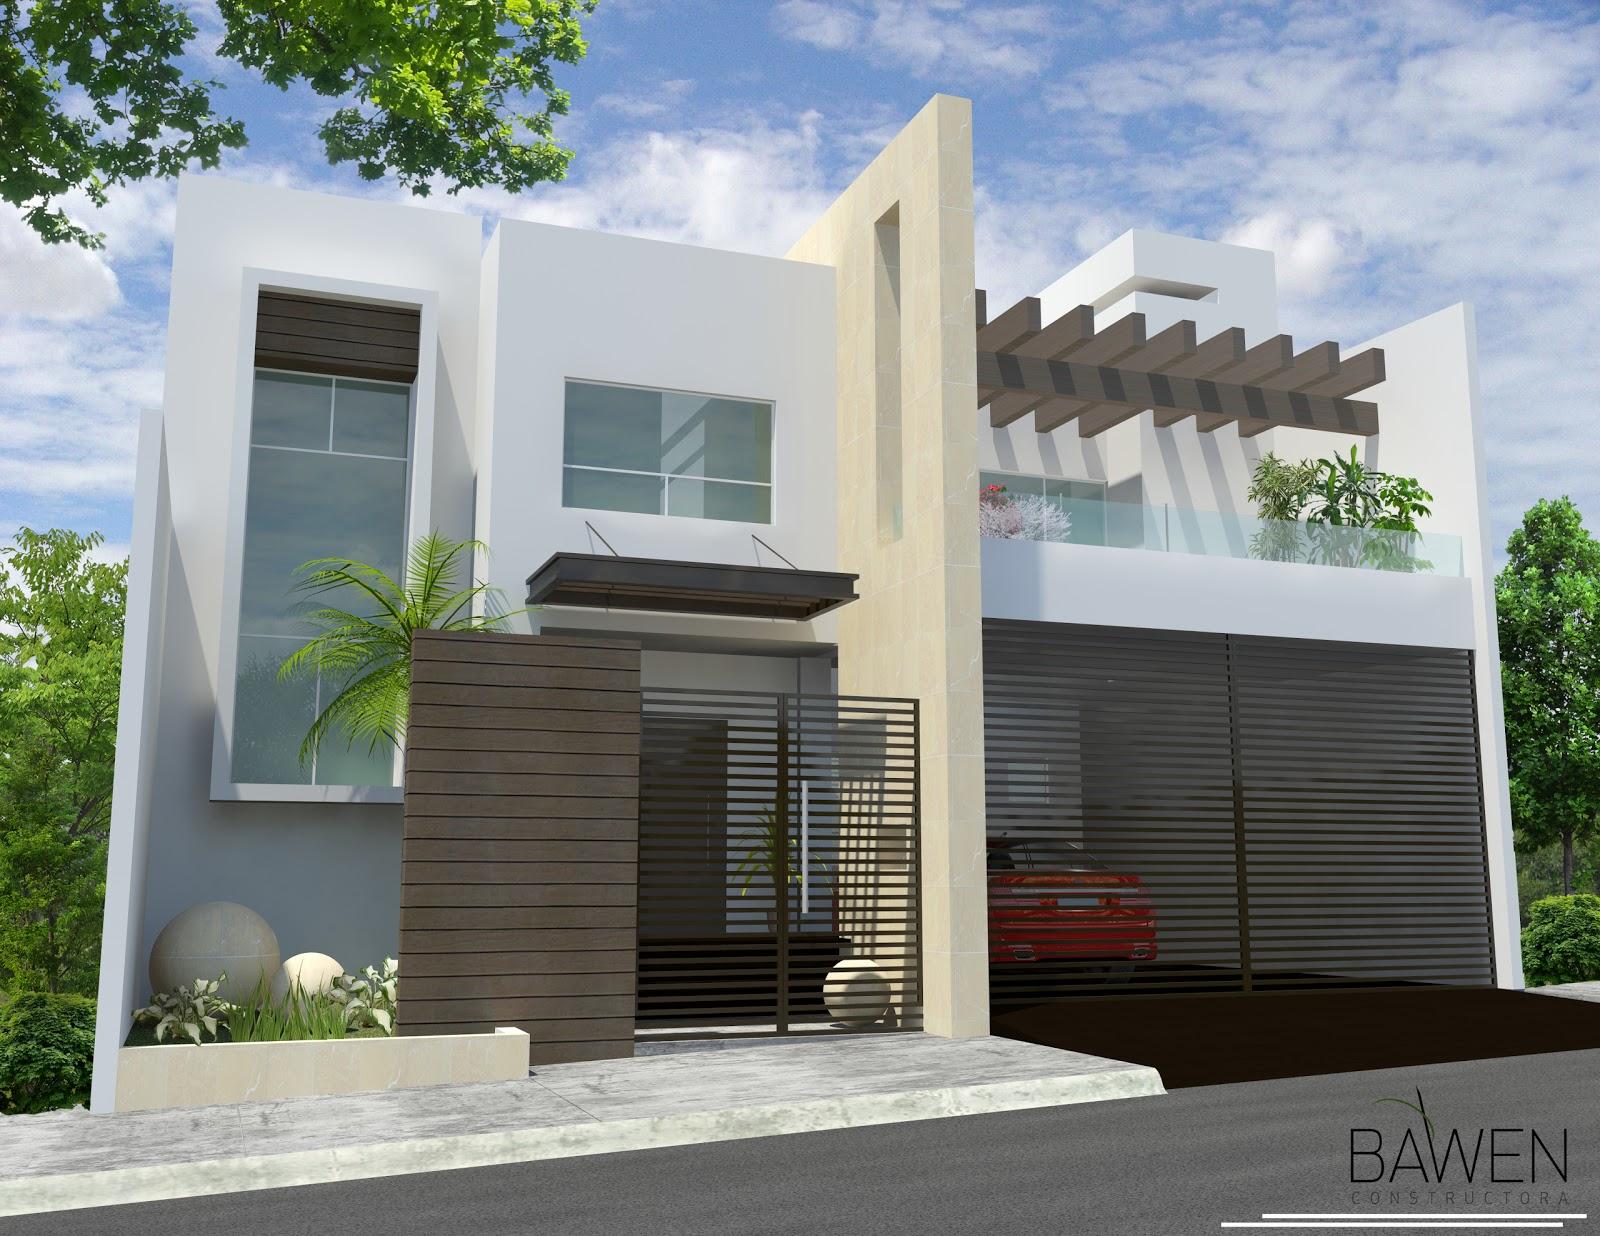 D3d casa mirador residencial monterrey n l bawen for Fachadas de casas pequenas de dos pisos estilo minimalista